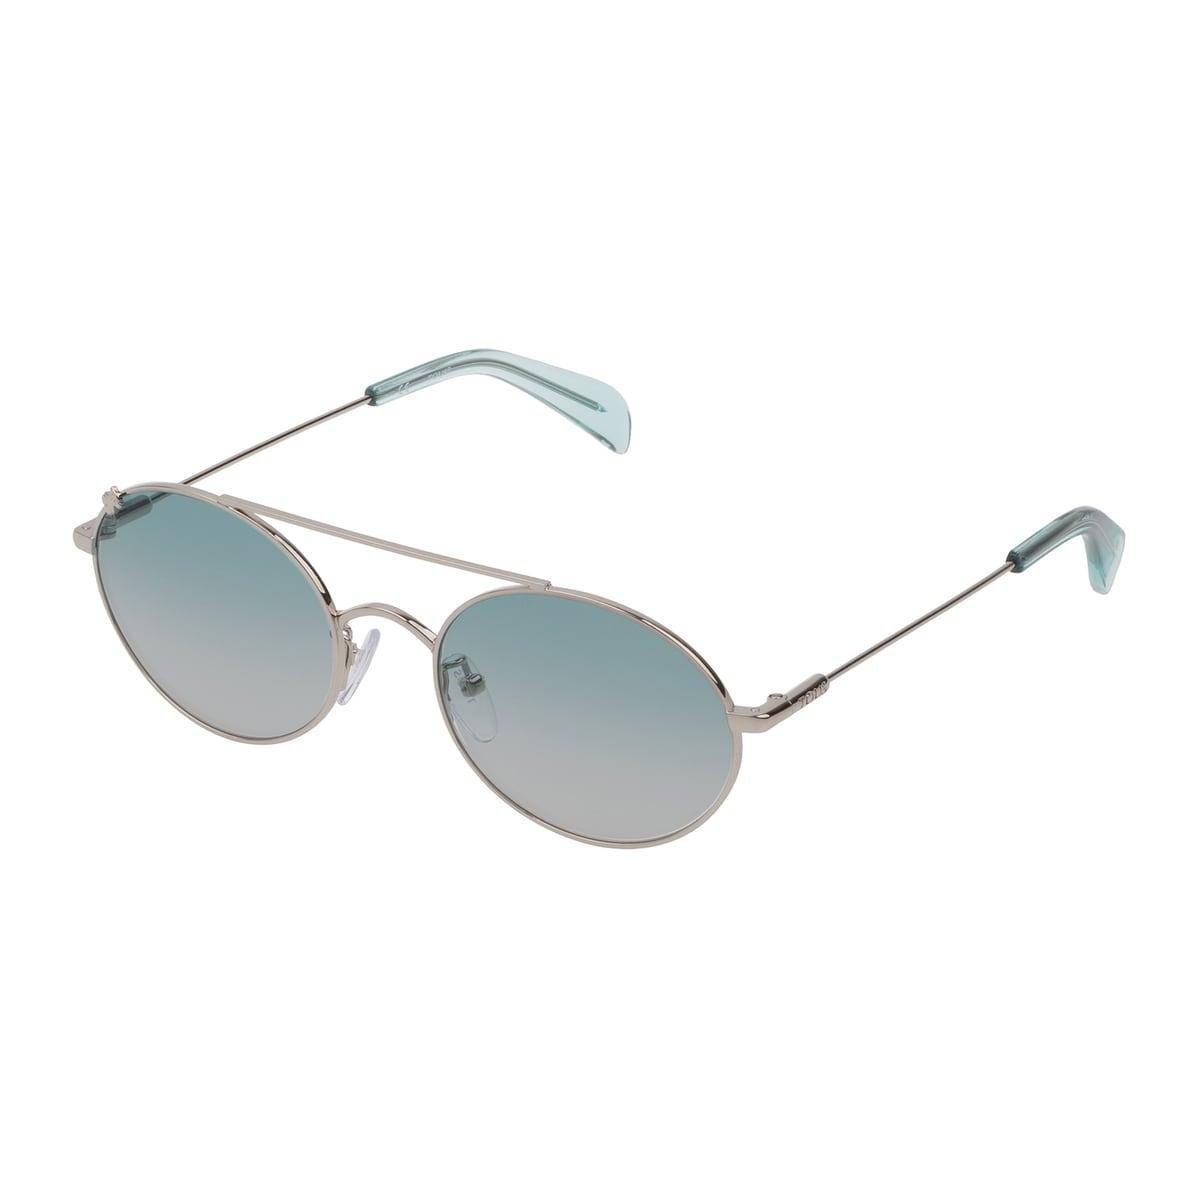 Silver colored Metal Metal Bear Sunglasses